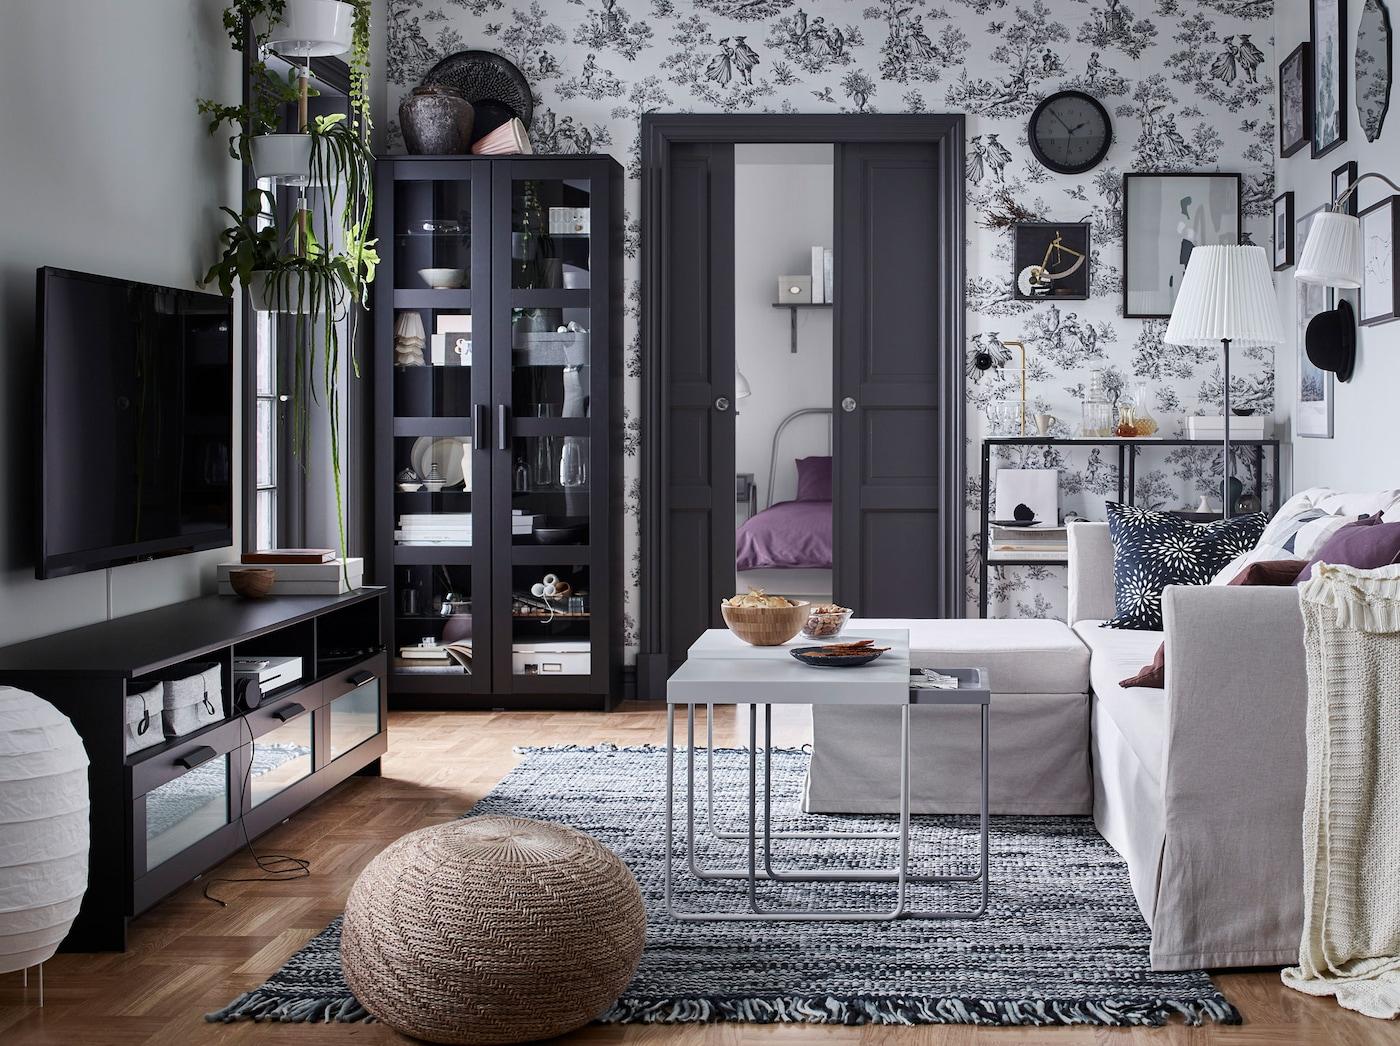 Musta IKEA BRIMNES tv-taso ja kaapit luovat tyylikkään modernin olohuoneen, jossa on avointa ja suljettua säilytystilaa ja hyvät toiminnot.